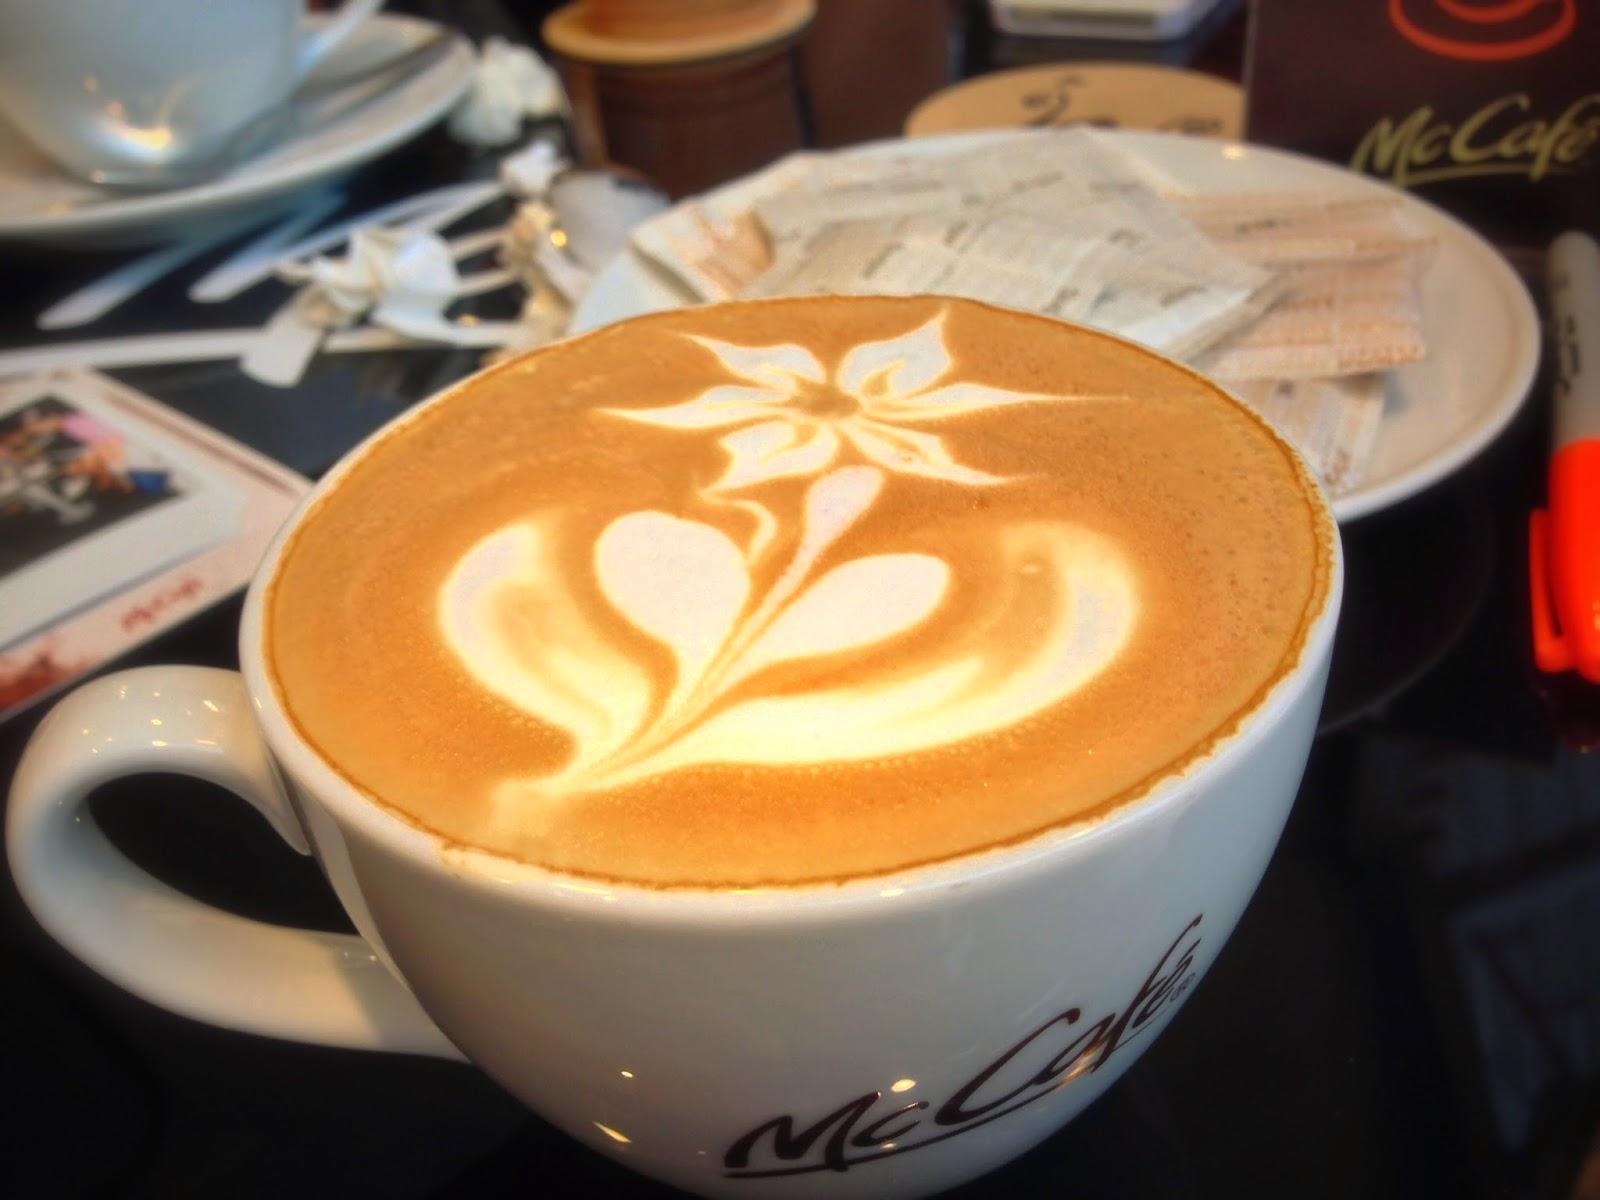 Evilbean's Latte Art